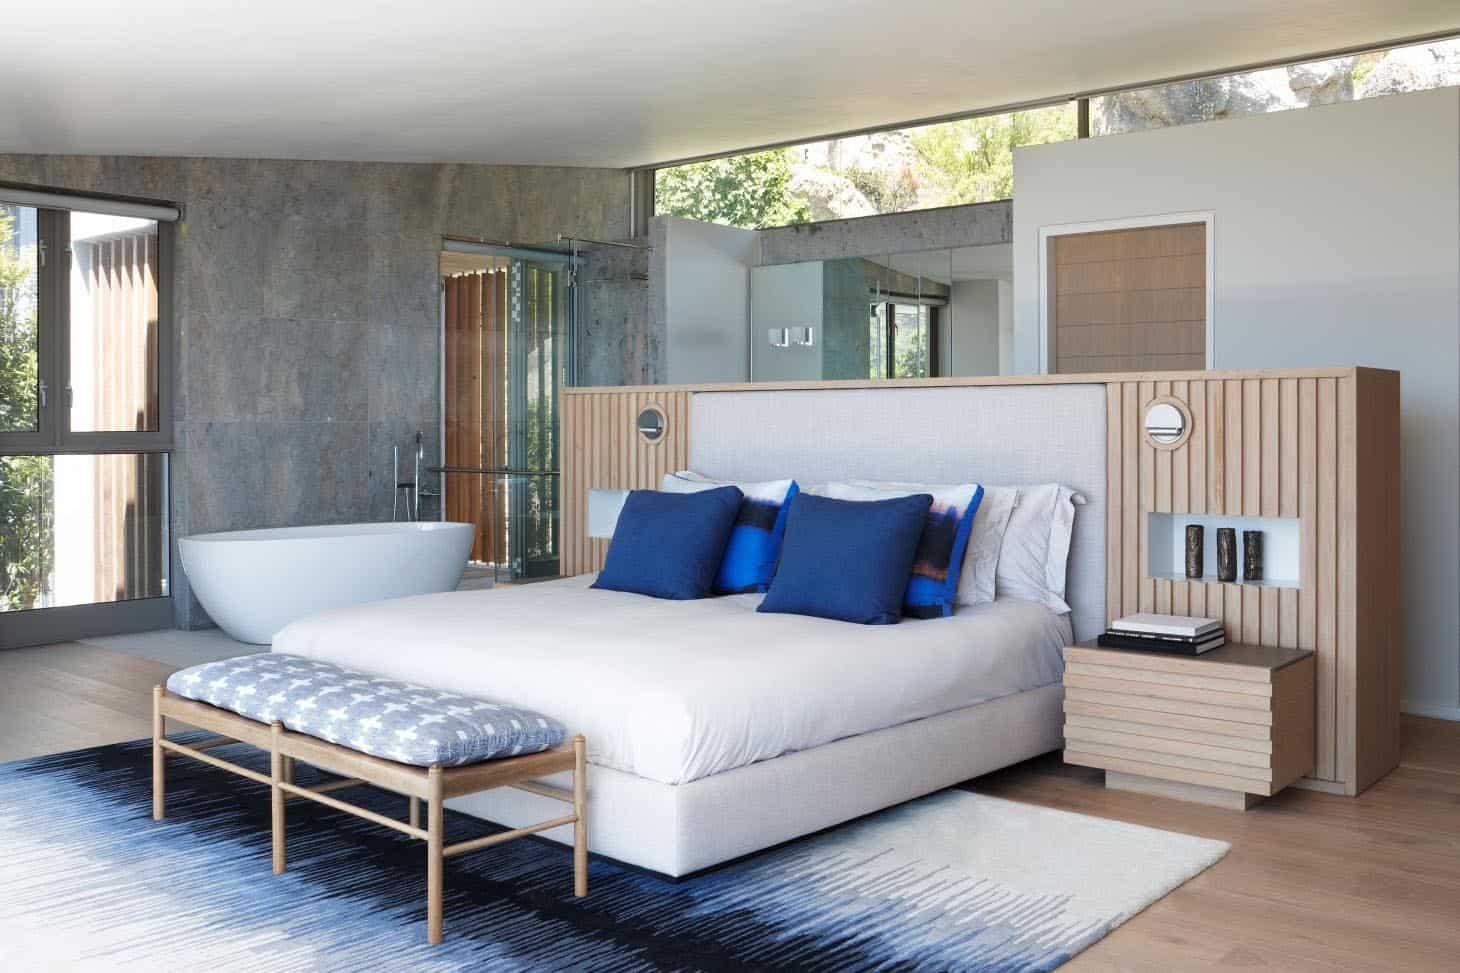 seaside-home-bedroom